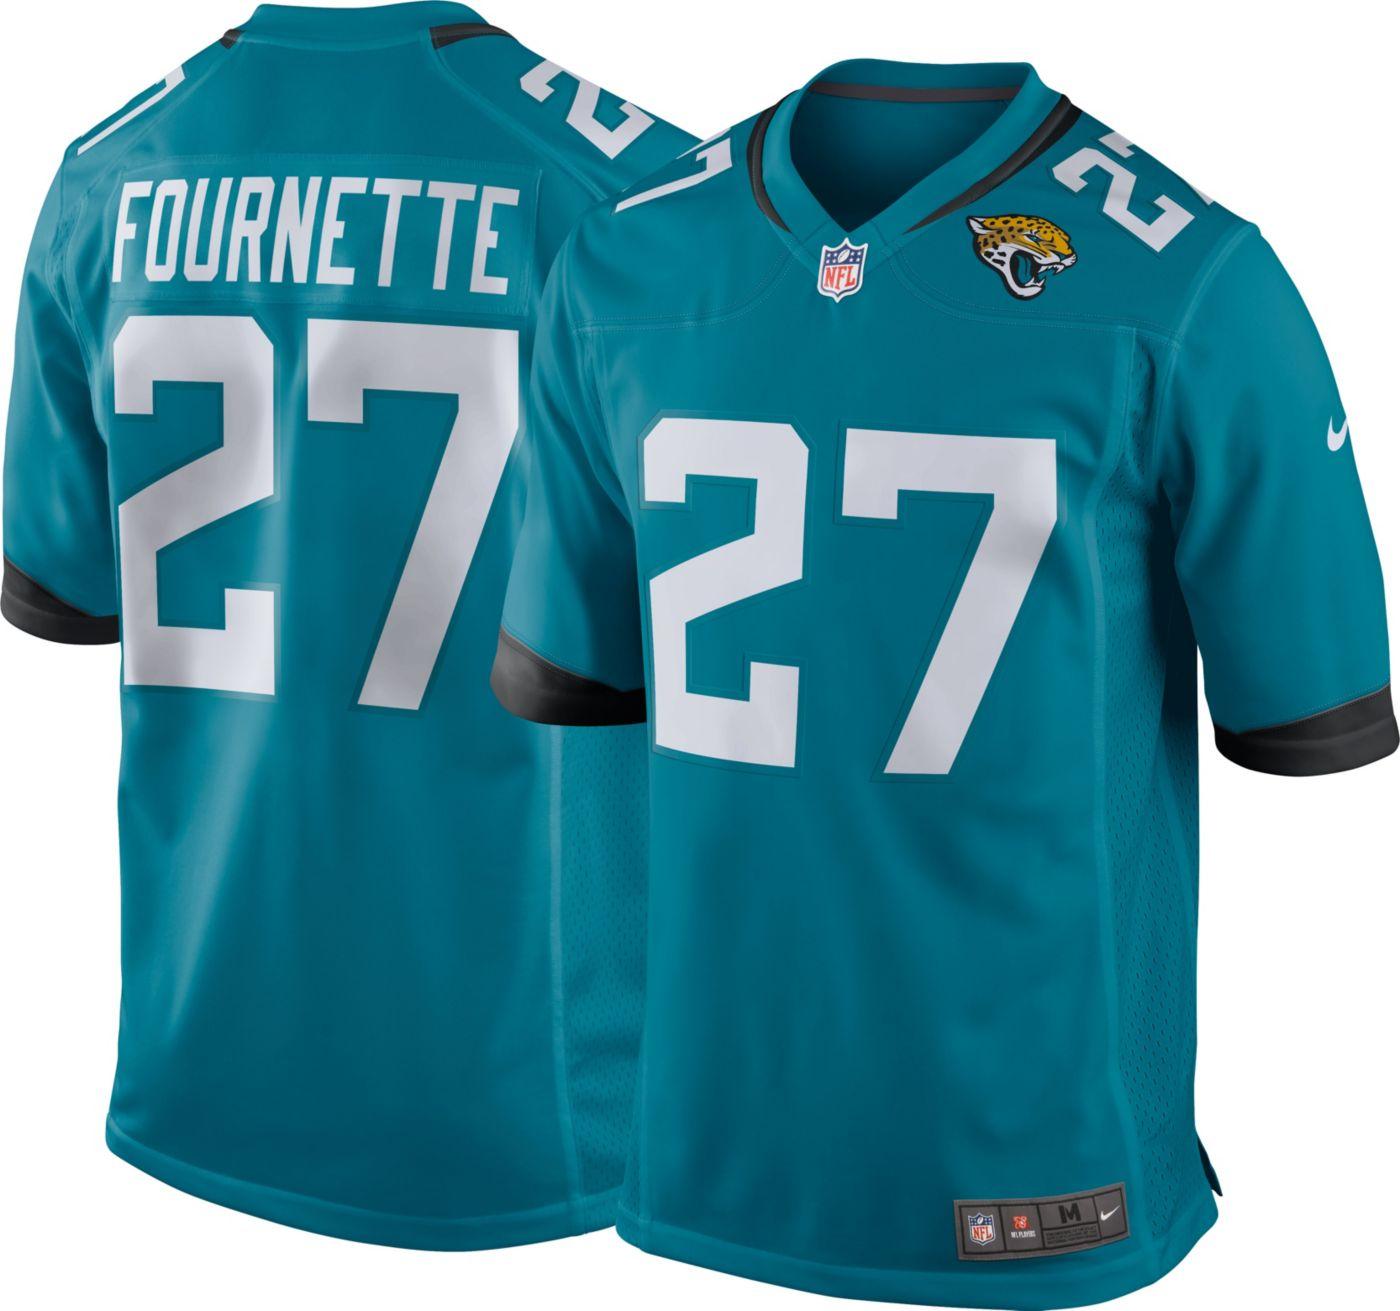 Nike Men's Alternate Game Jersey Jacksonville Jaguars Leonard Fournette #27